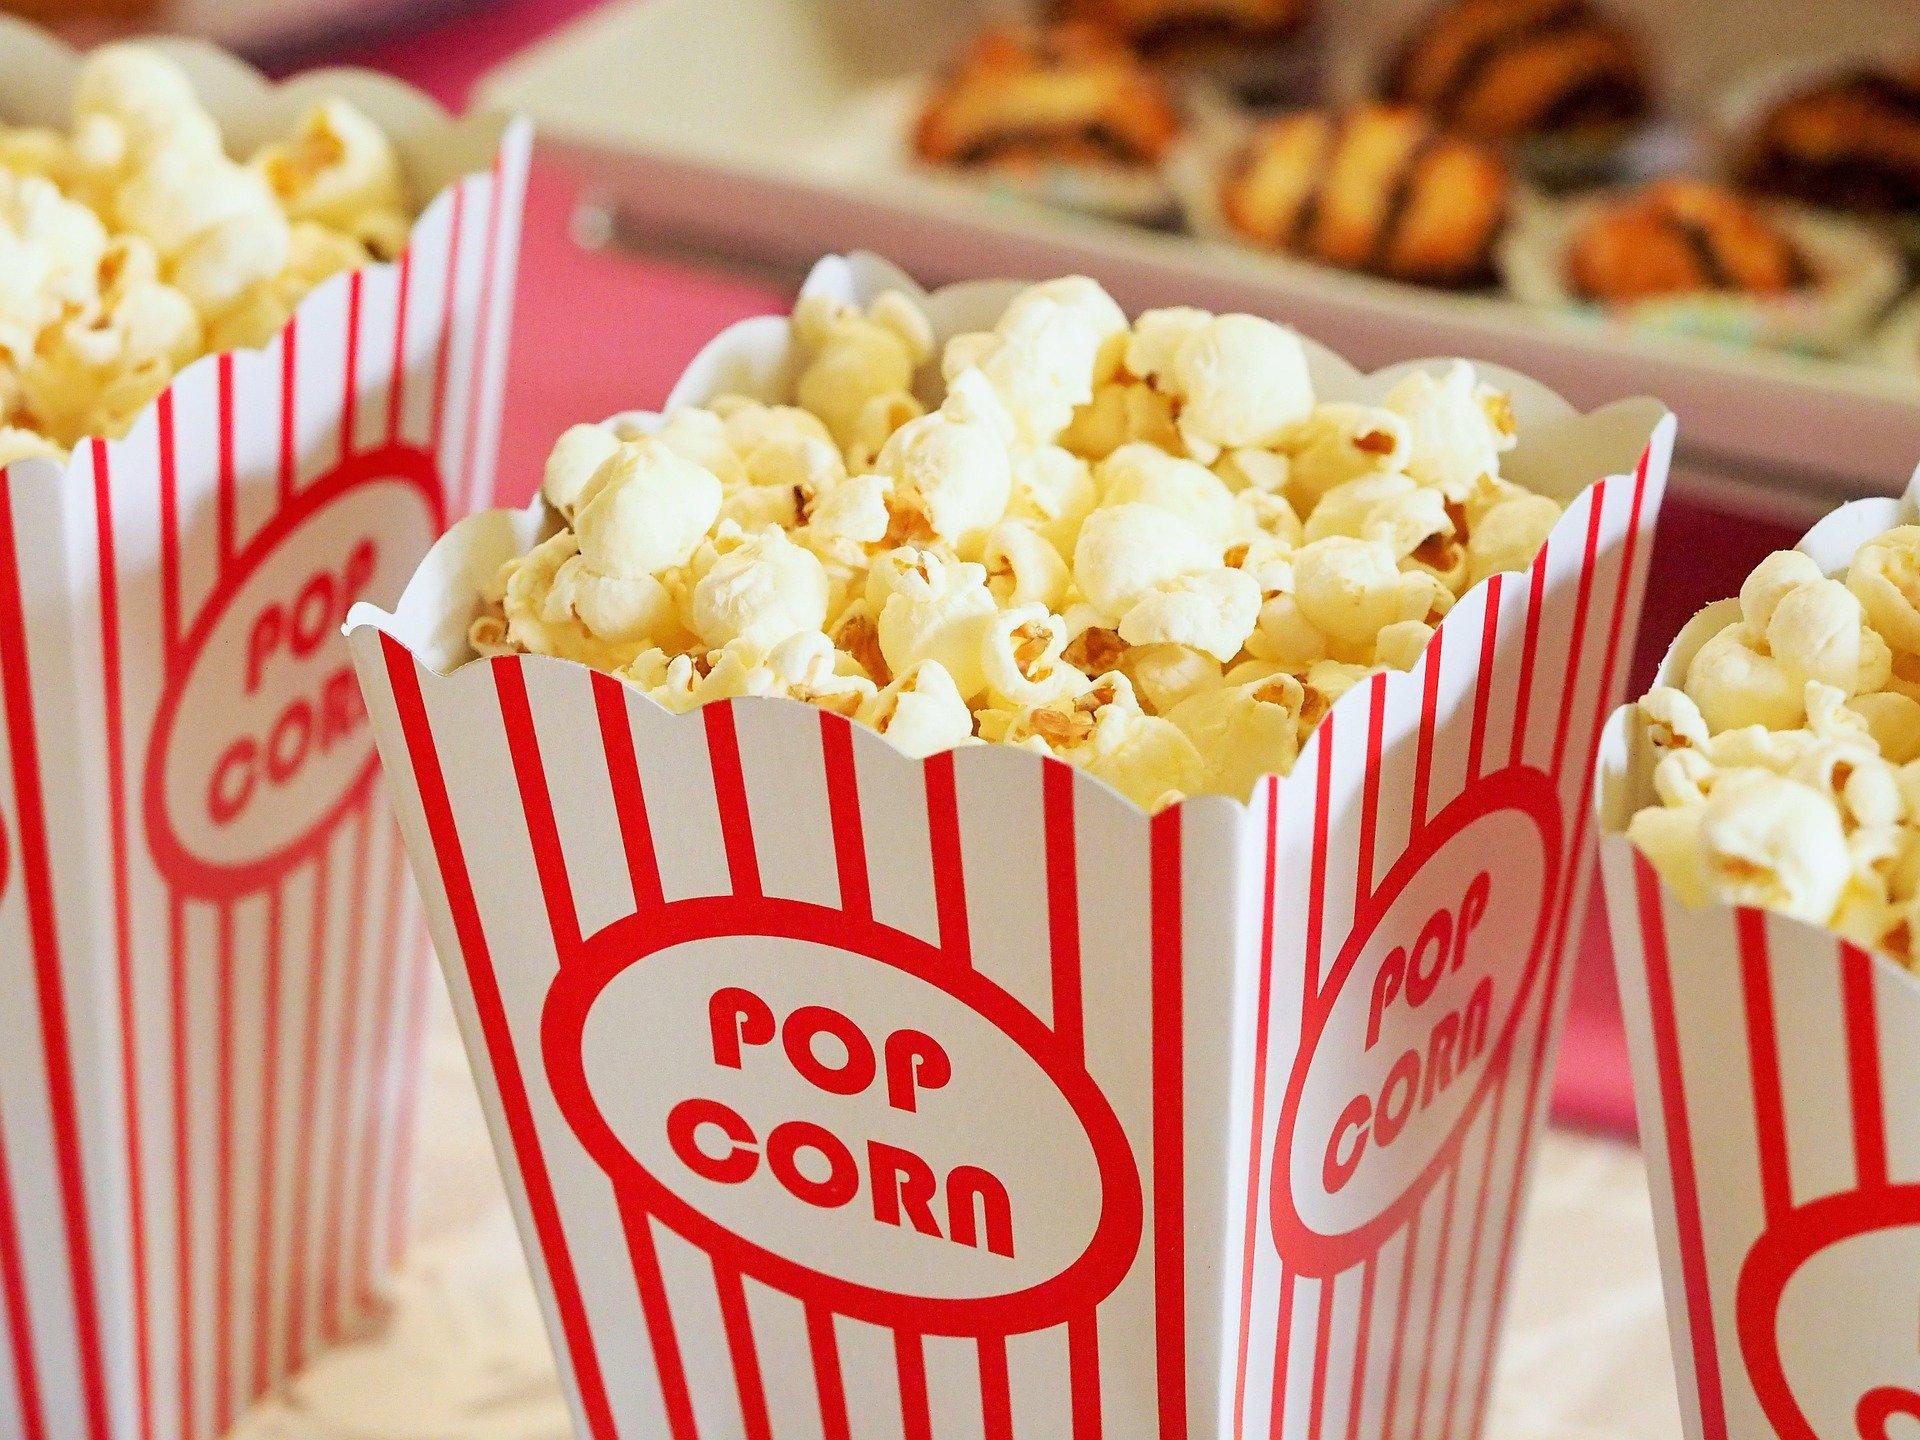 Viele Schwerter*innen wünschen sich ein Kino: Stadt führt weiterhin Gespräche